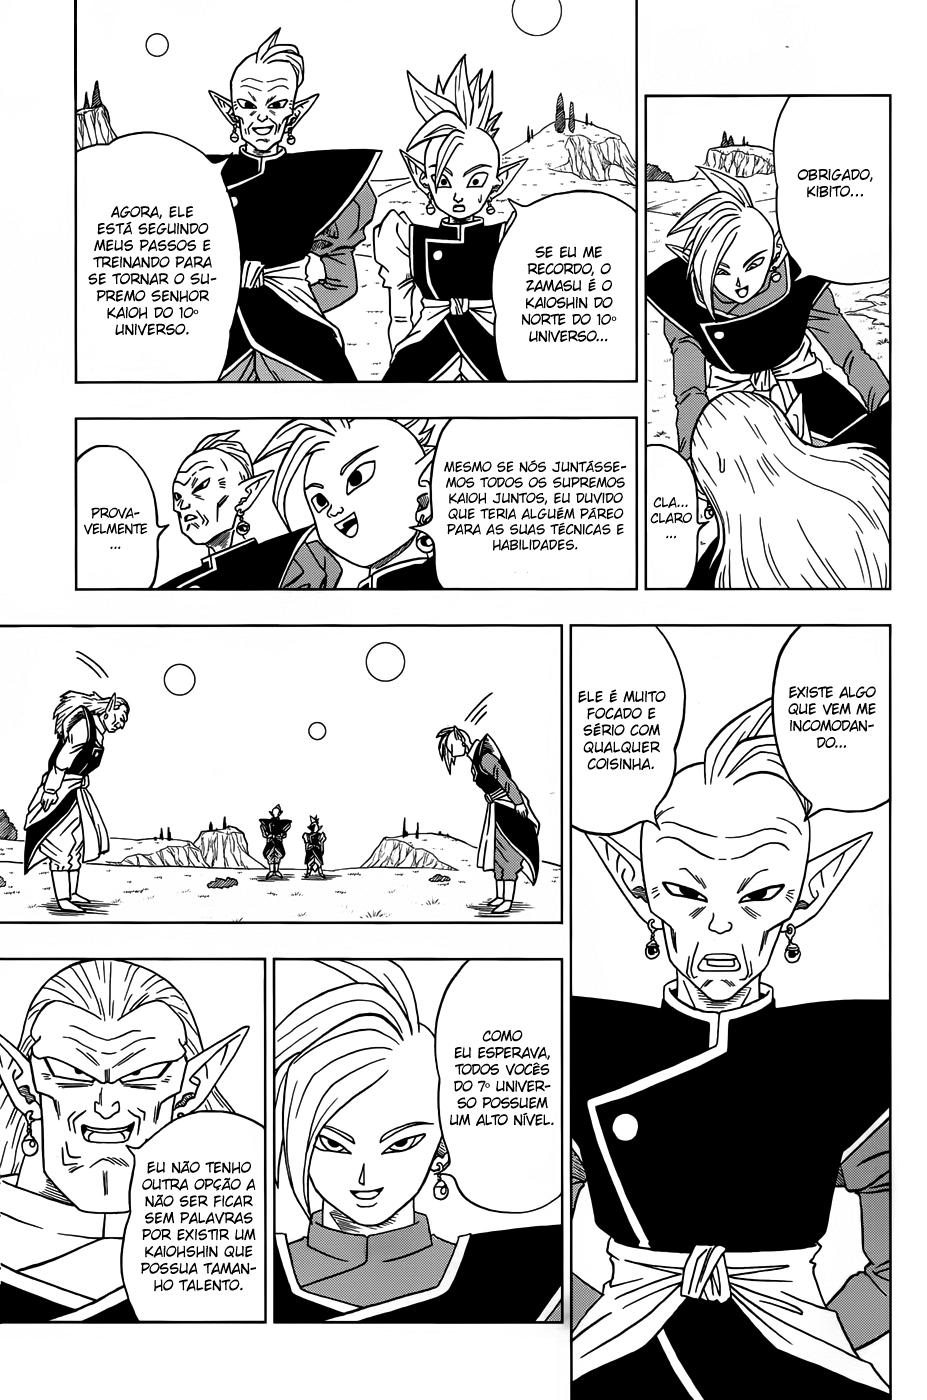 Faz sentido os Fans de Animes Falarem que se Personagem Fraco Vencer Alguém que destrói uma Montanha ele Também destrói uma Montanha? Zamasu10